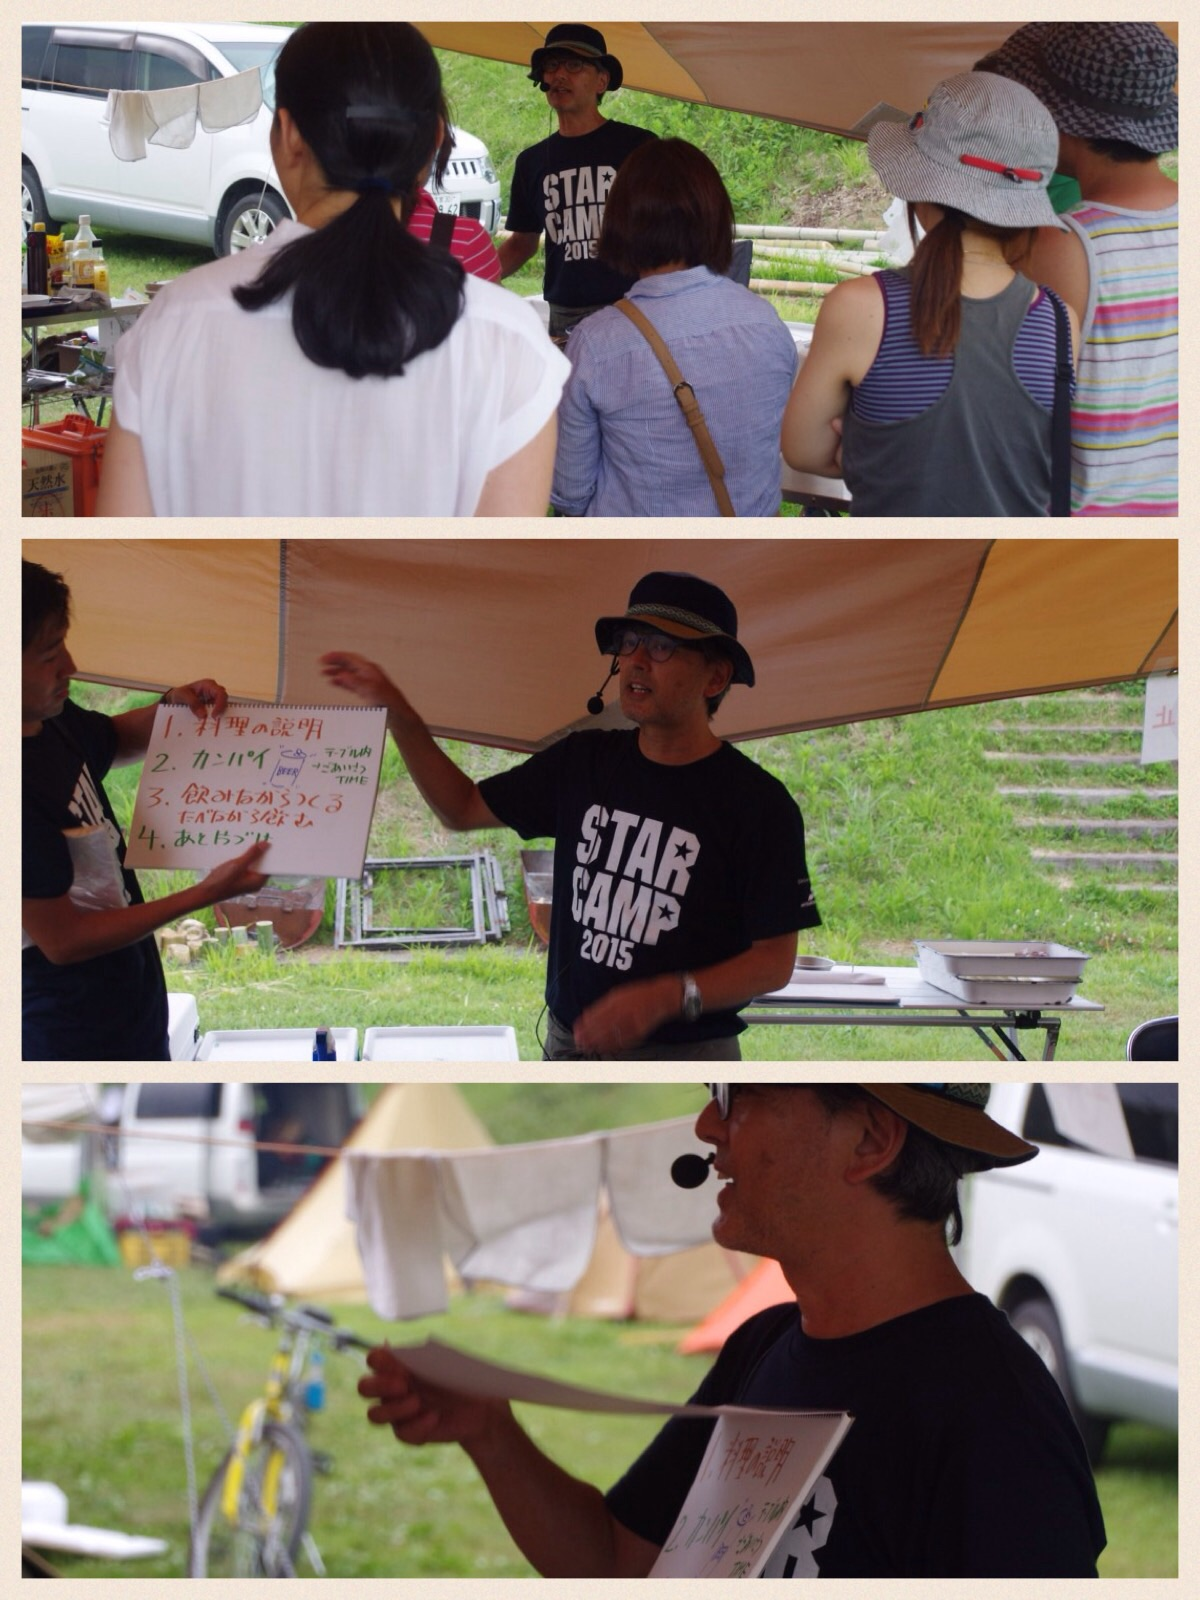 三菱スターキャンプ2015 クッキングイベント